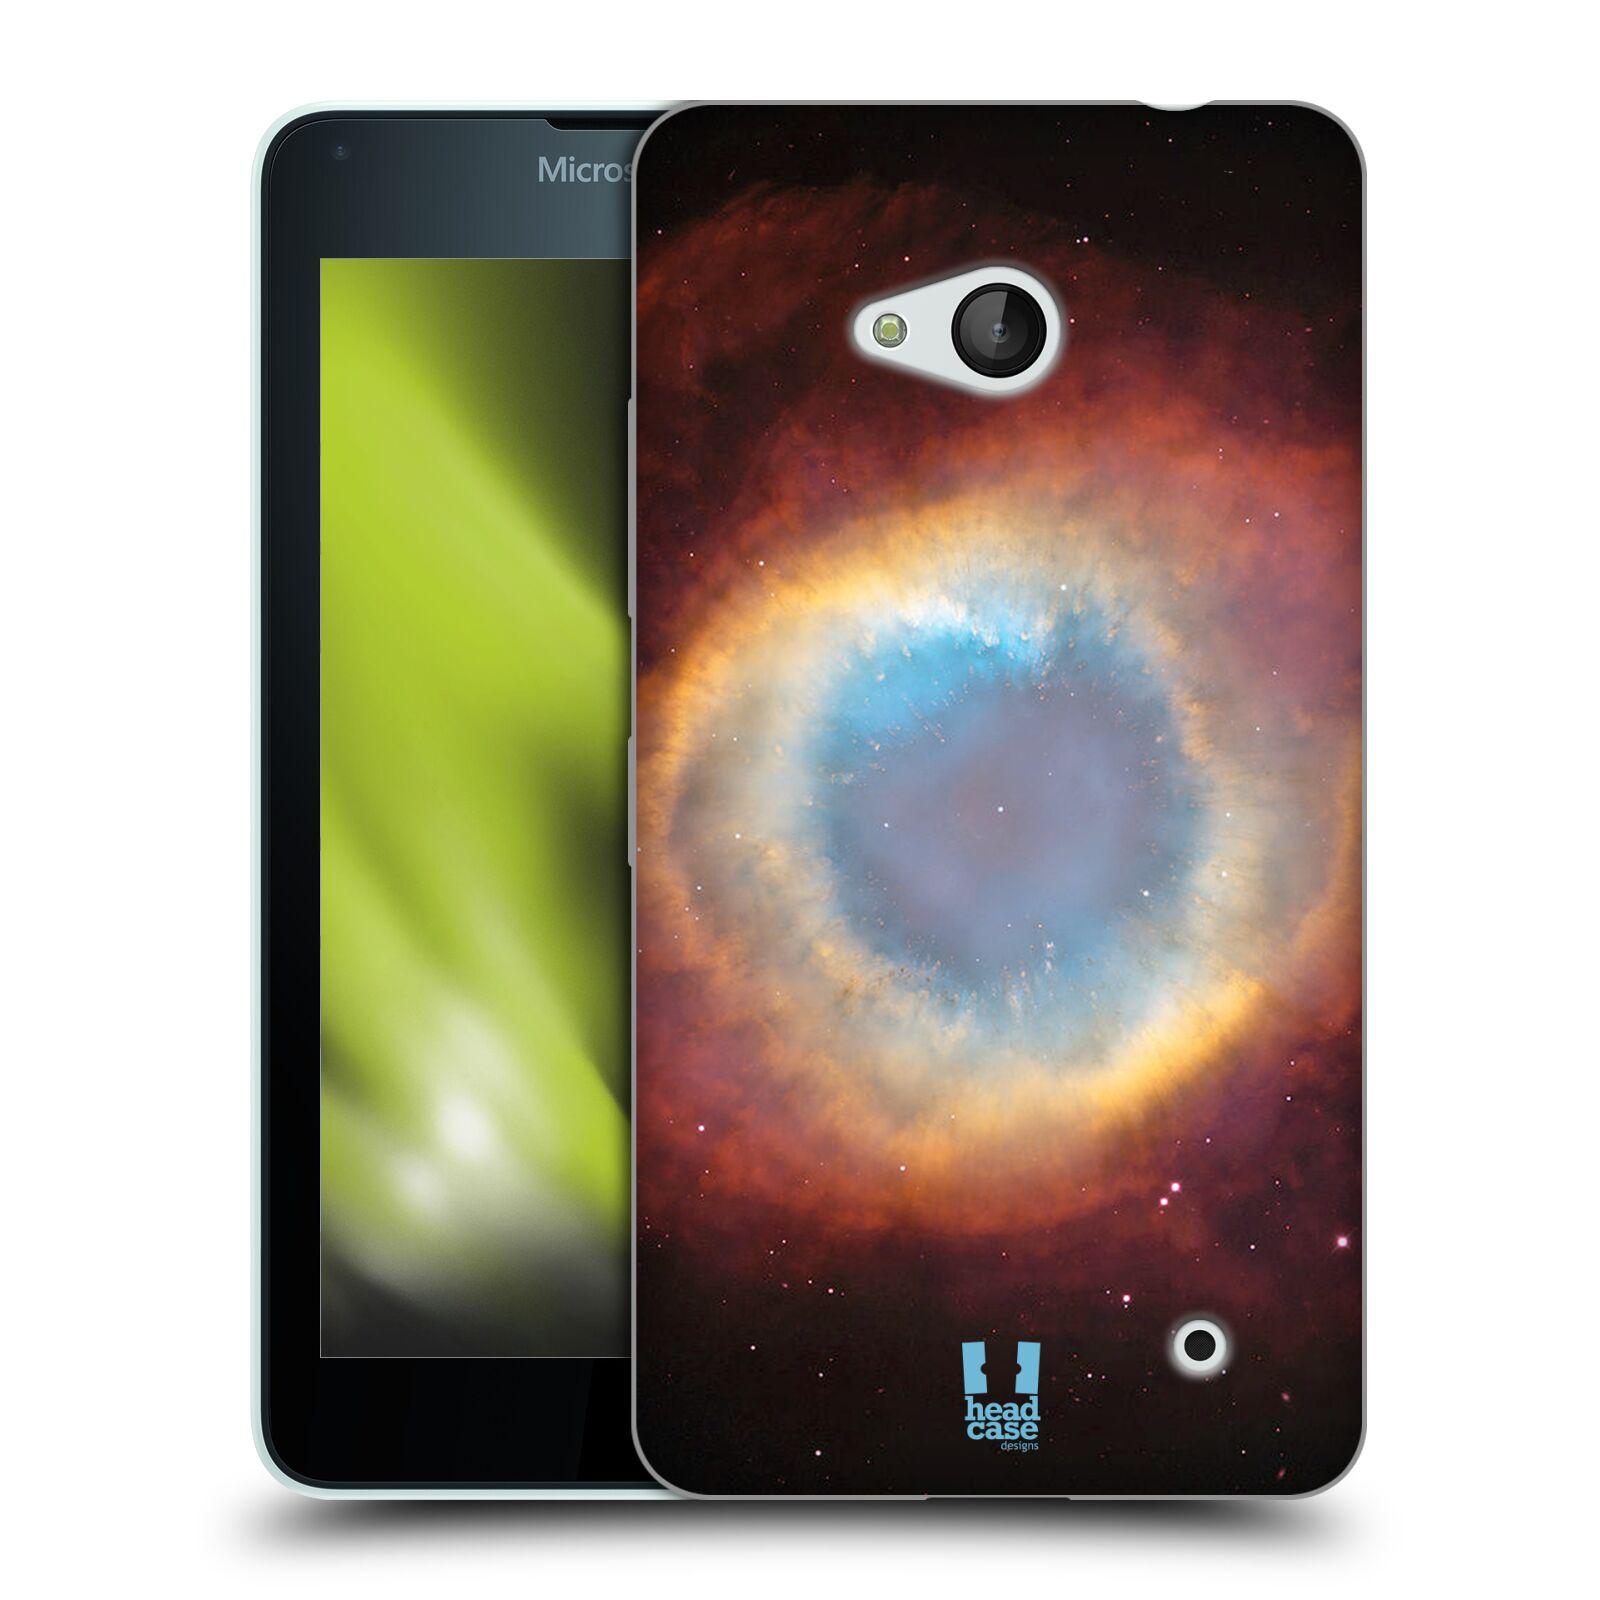 HEAD CASE silikonový obal na mobil Microsoft / Nokia Lumia 640 / Lumia 640 DUAL vzor Vesmírná krása PLYNOVÁ MLHOVINA